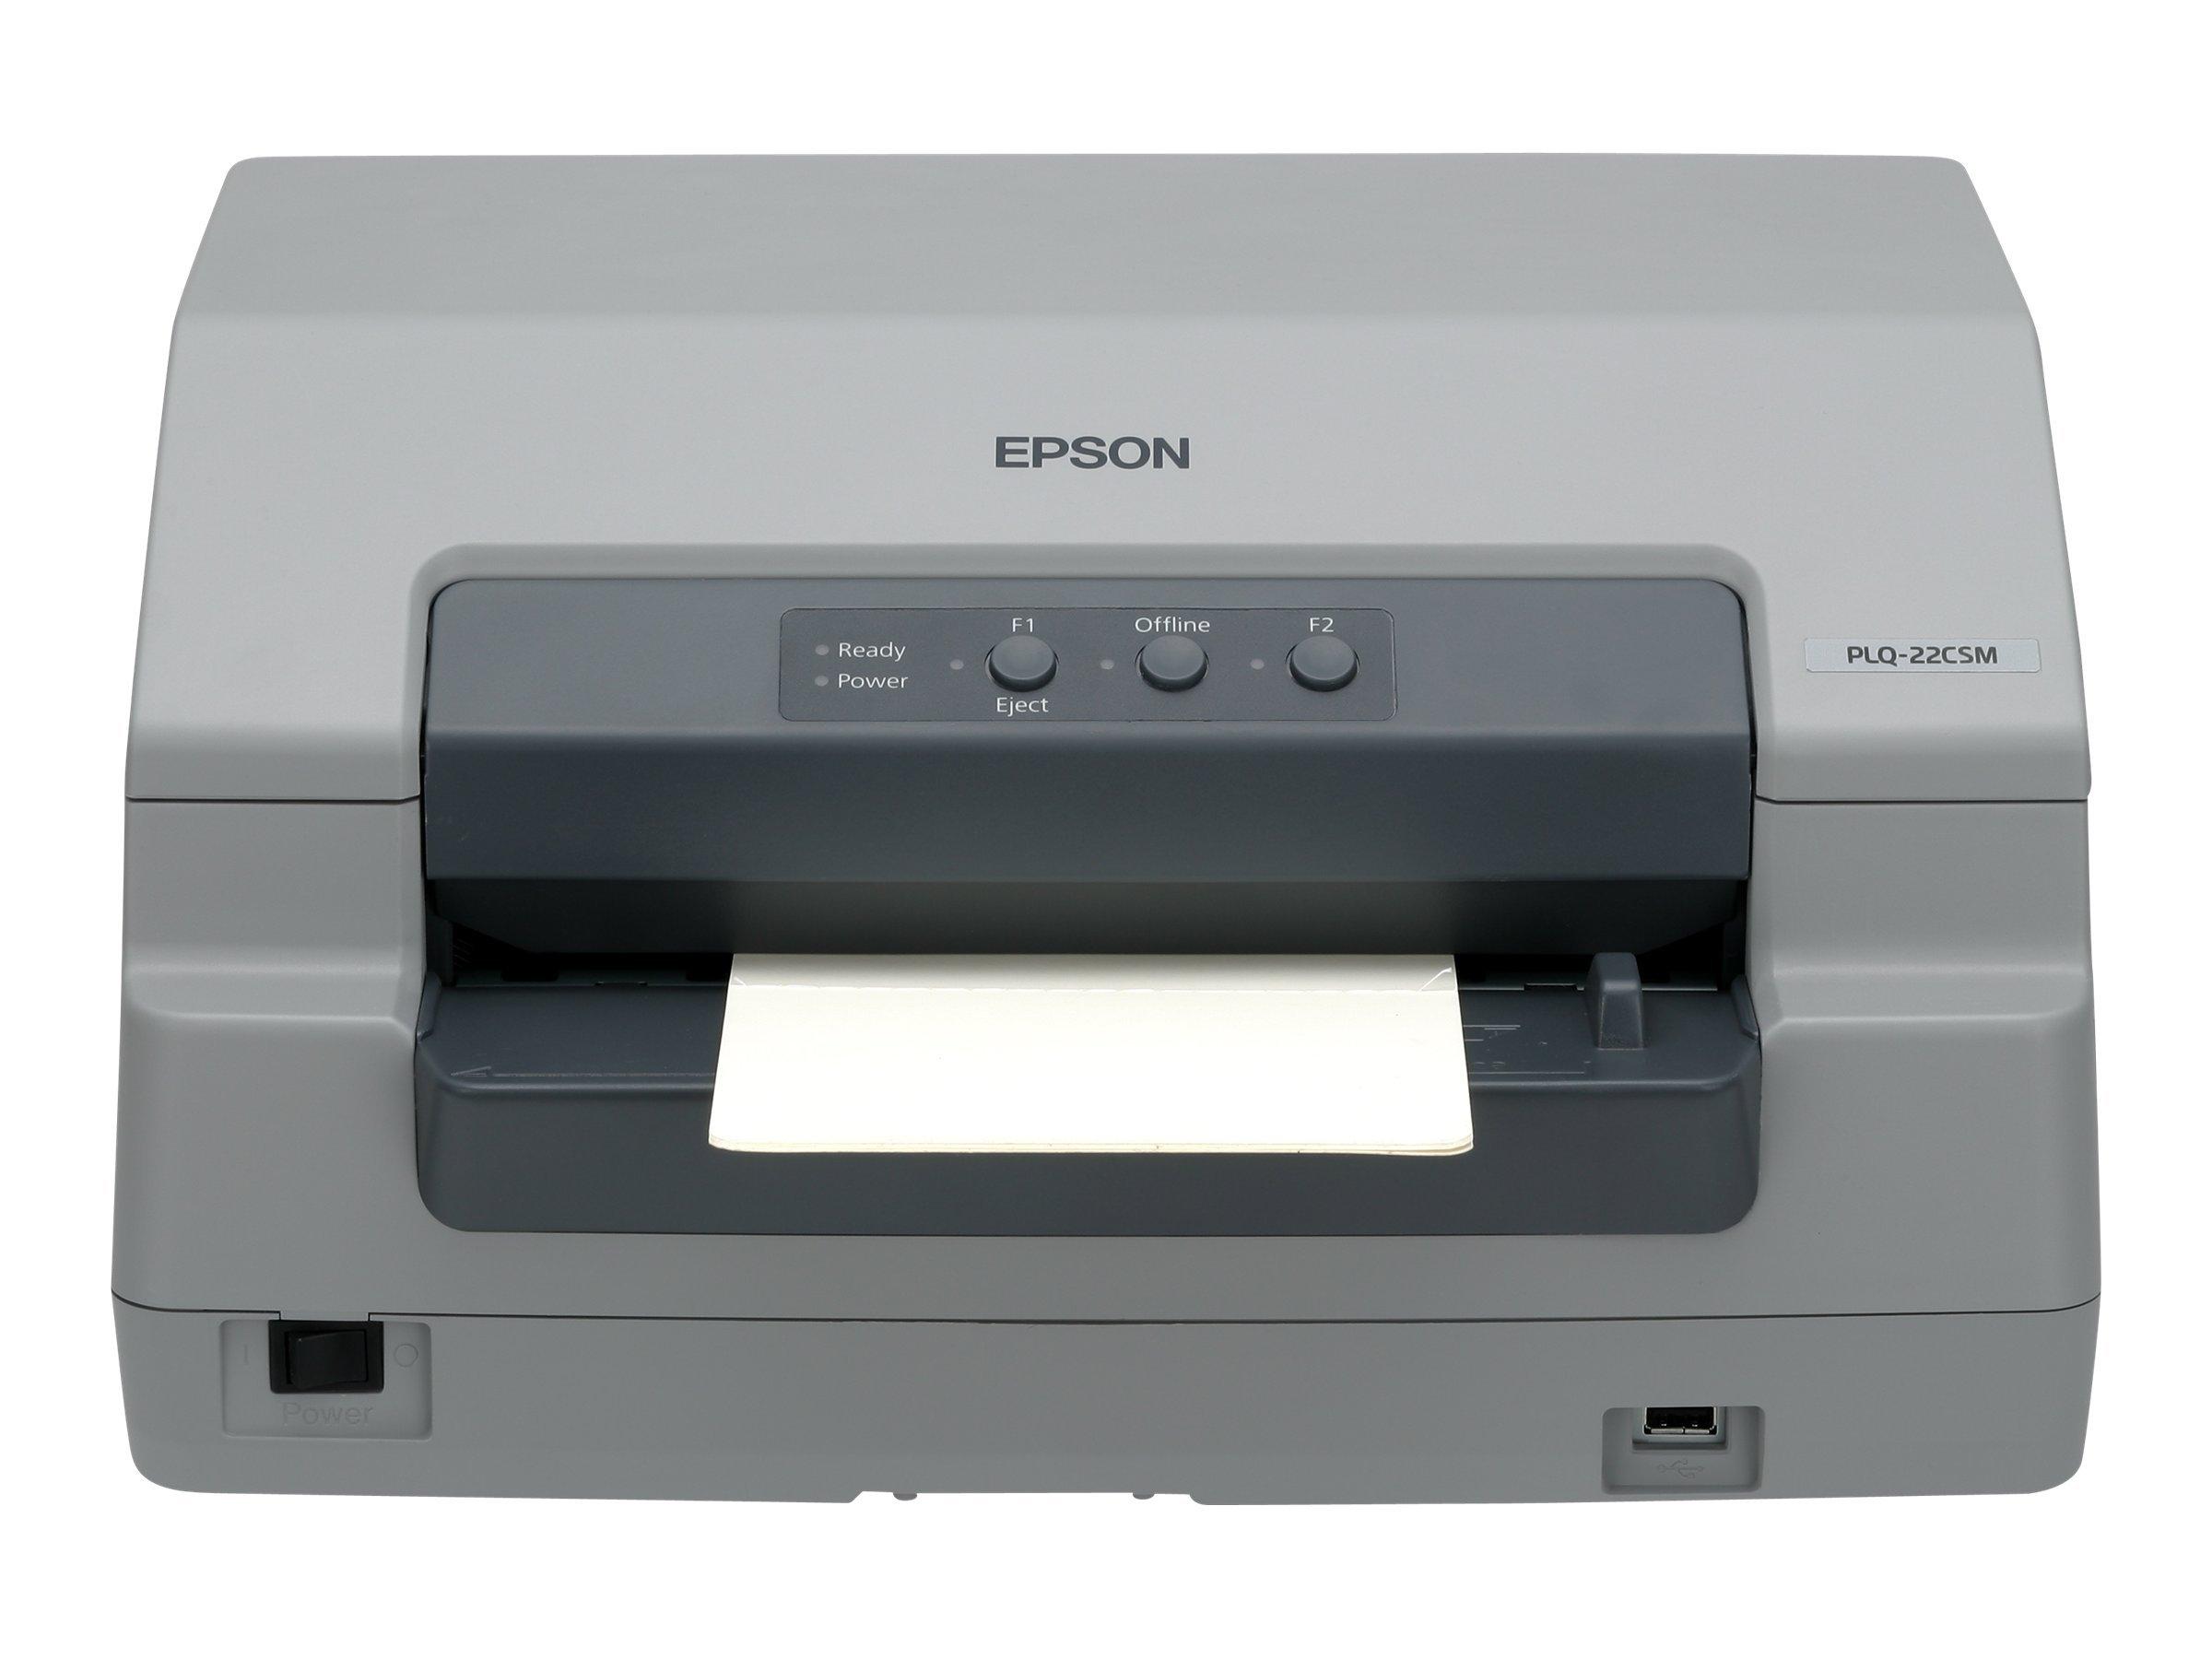 Epson PLQ 22CS - Sparbuchdrucker - monochrom - Punktmatrix - A4 - 24 Pin